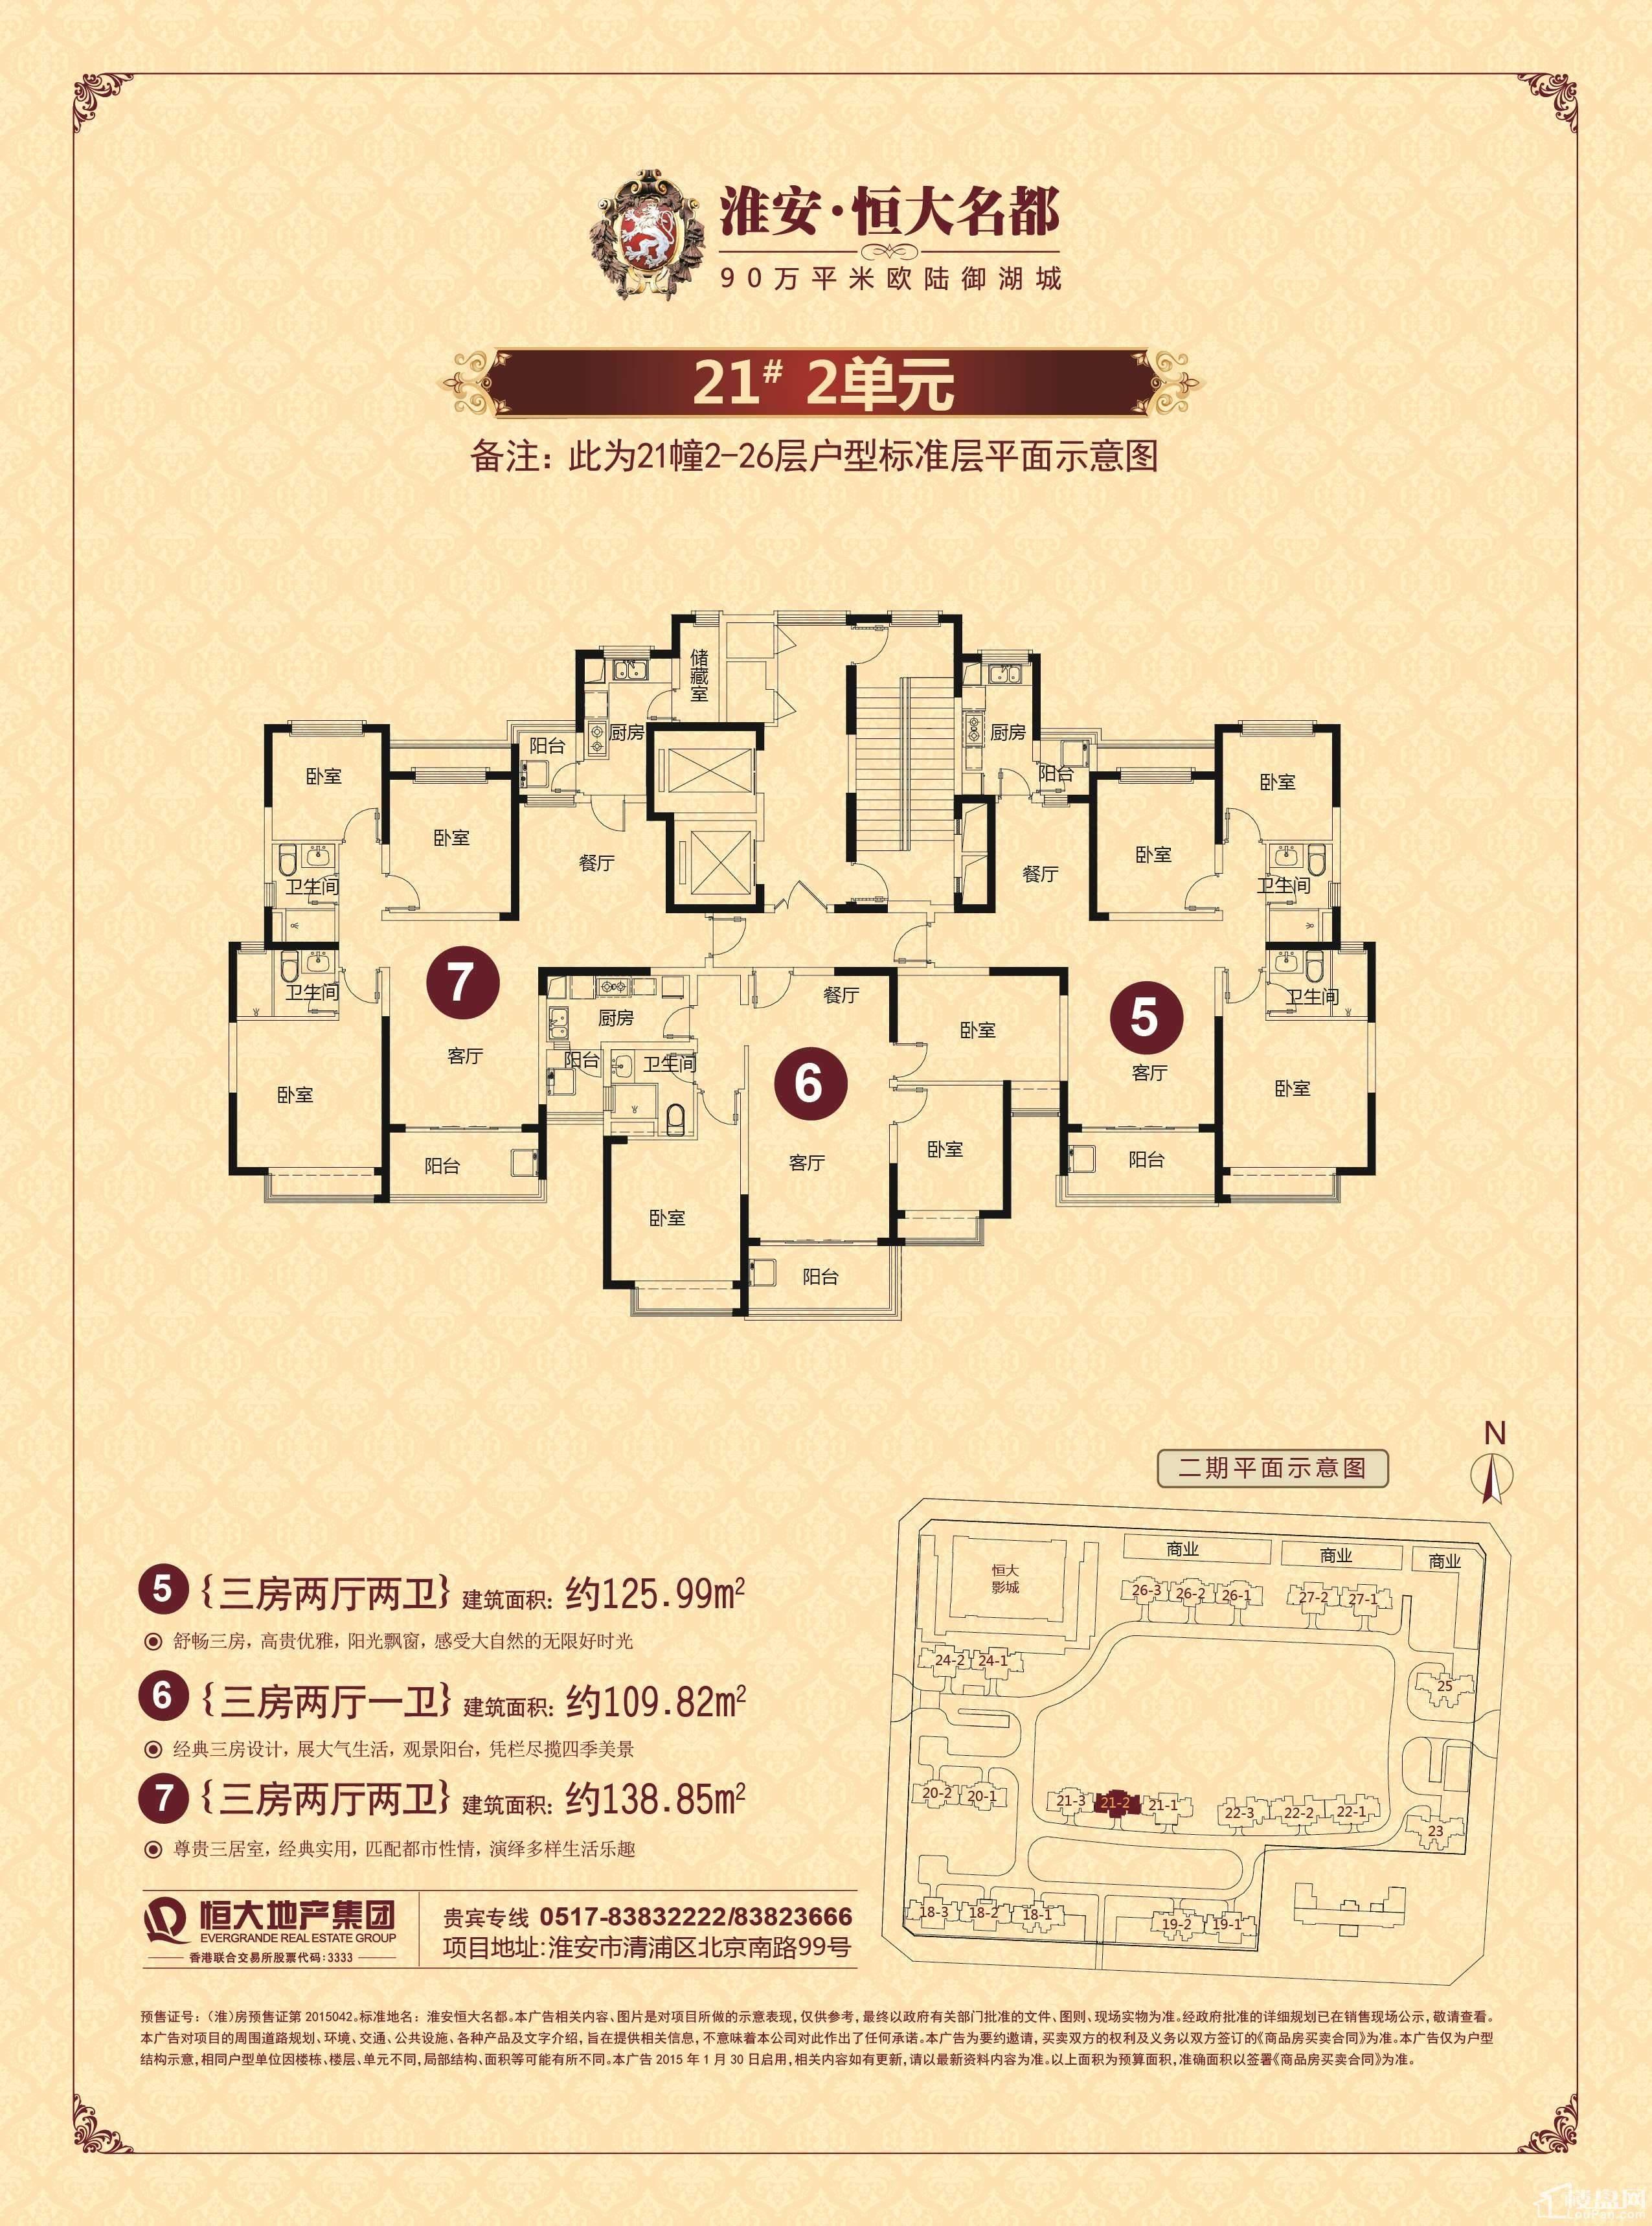 21幢楼-2单元